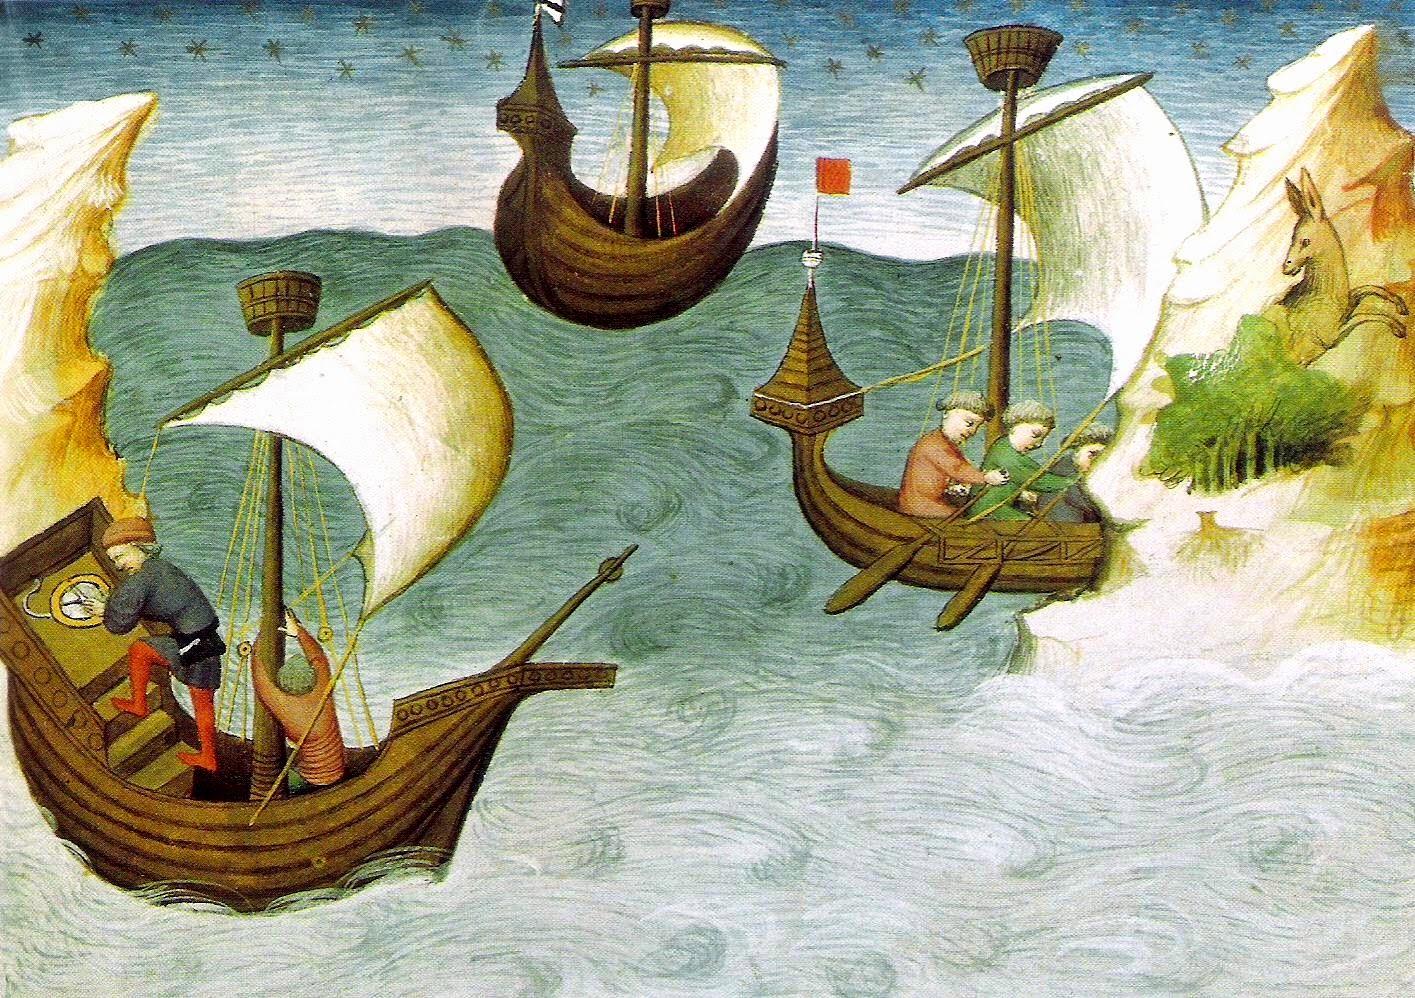 medioevo, mediterraneo, storia medievale, storia del commercio, storia politica, tamerlano, francesco datini, prato